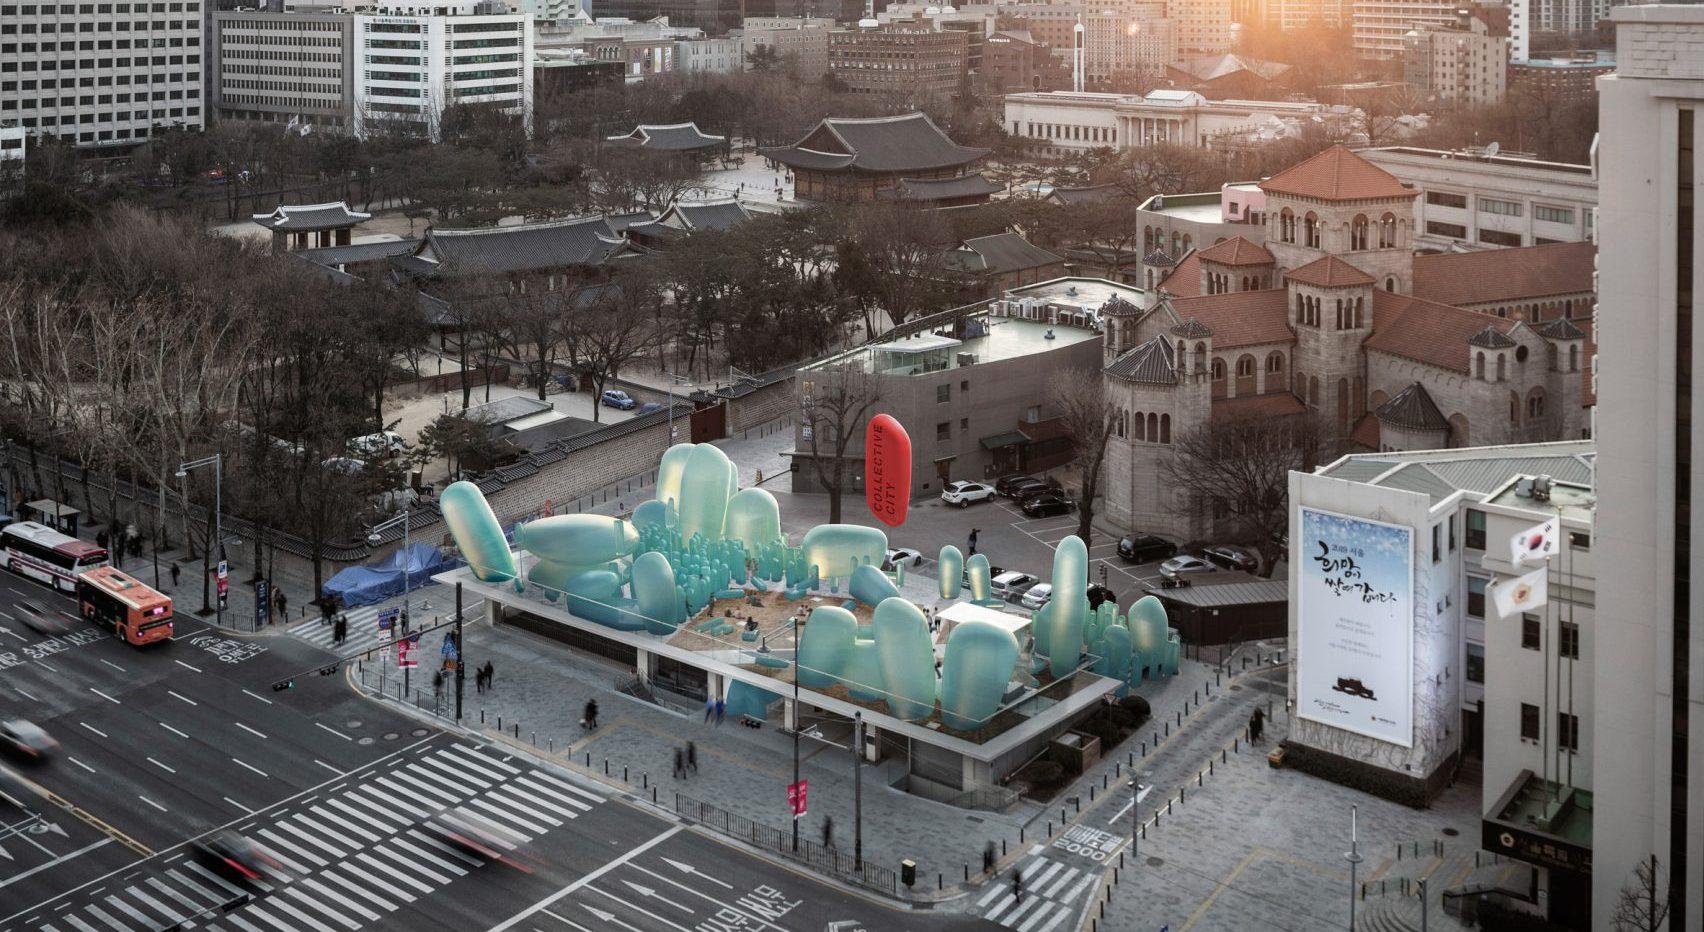 New Korean Garden สวนสวยสดใสบนดาดฟ้ากลางกรุงโซล พื้นที่สาธารณะสำหรับทุกคน